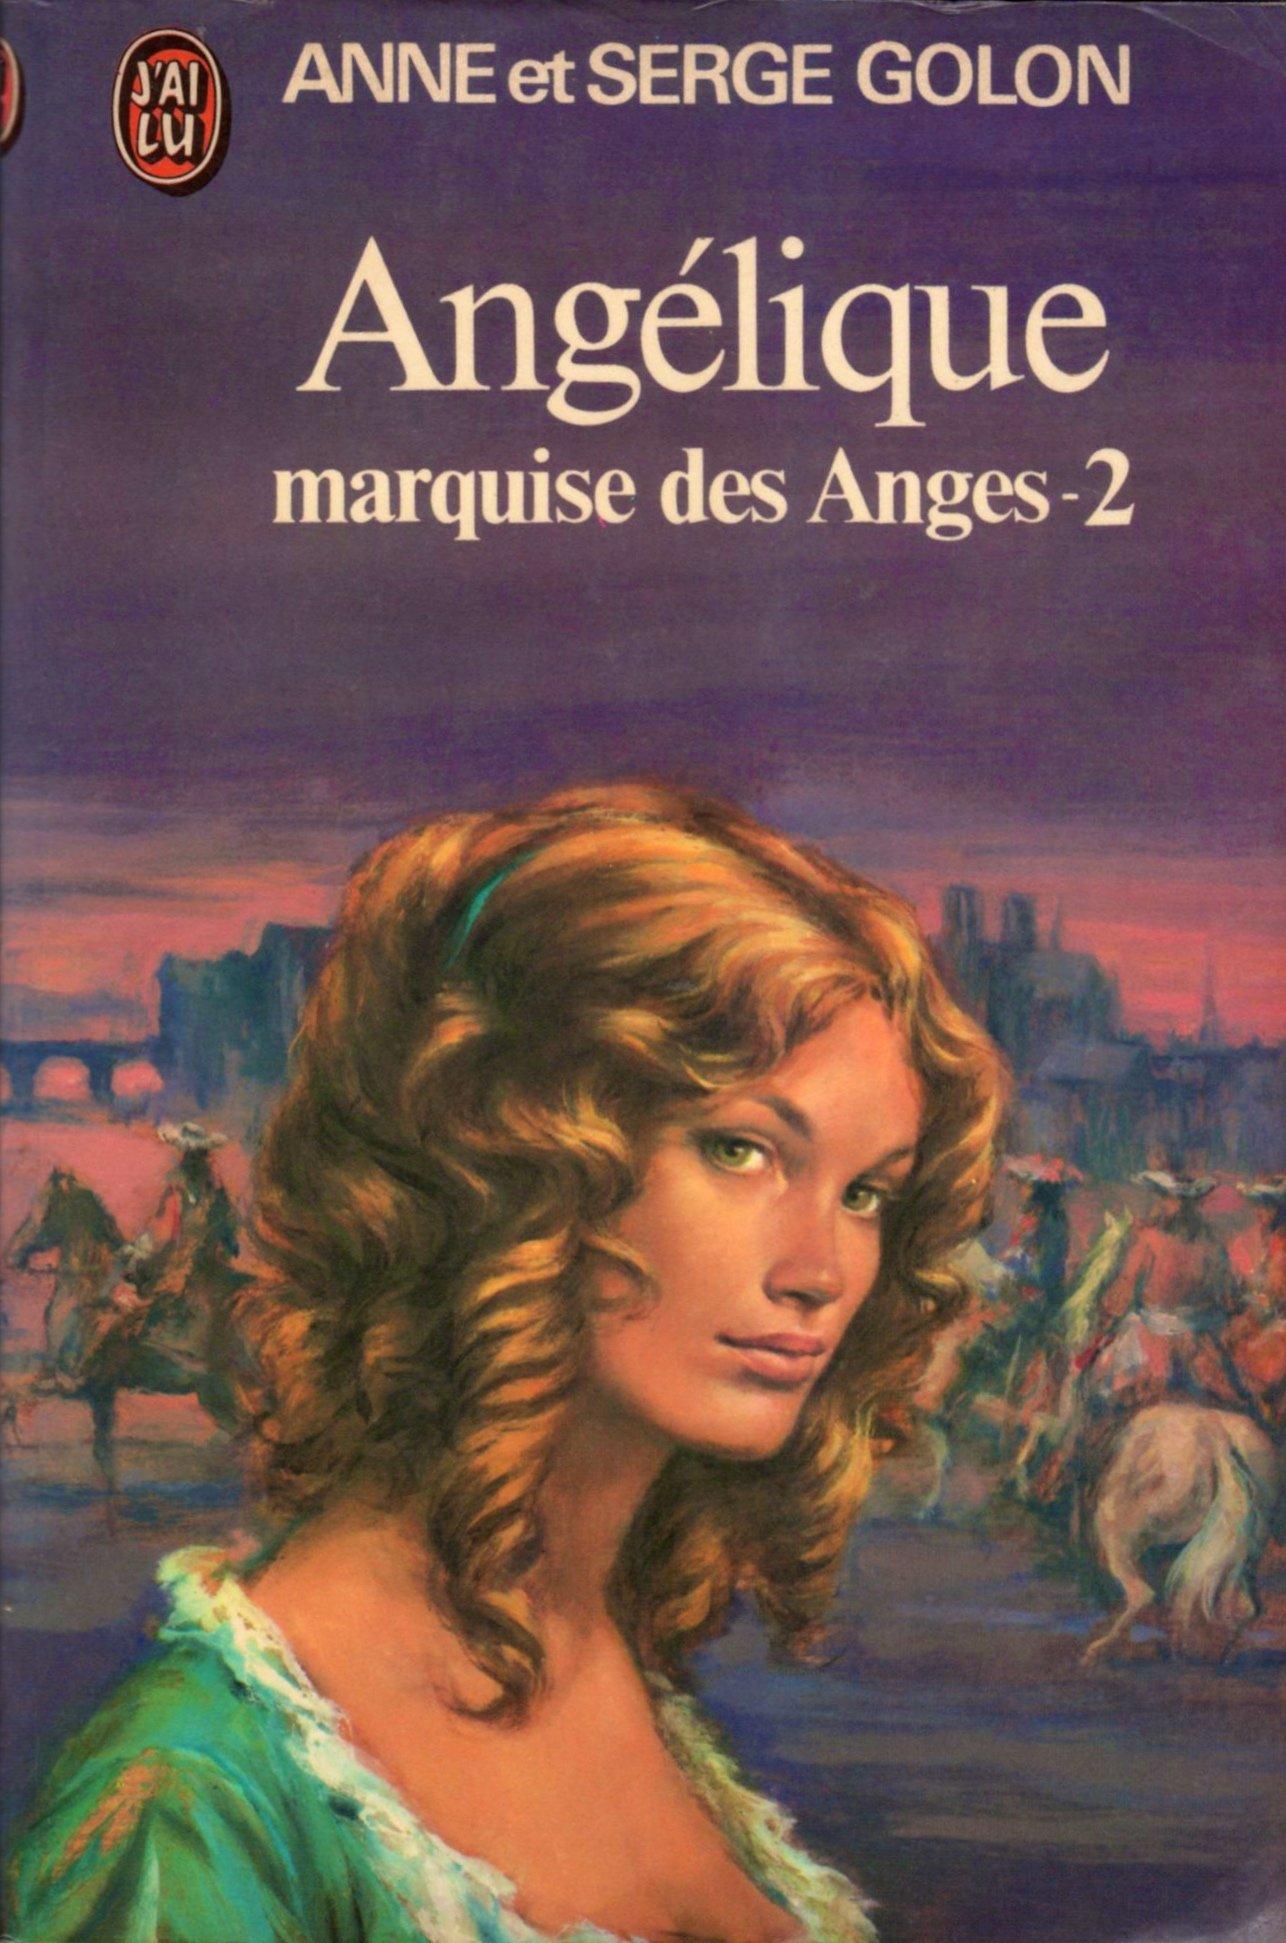 ANGES MARQUISE GRATUIT ANGELIQUE DES TÉLÉCHARGER